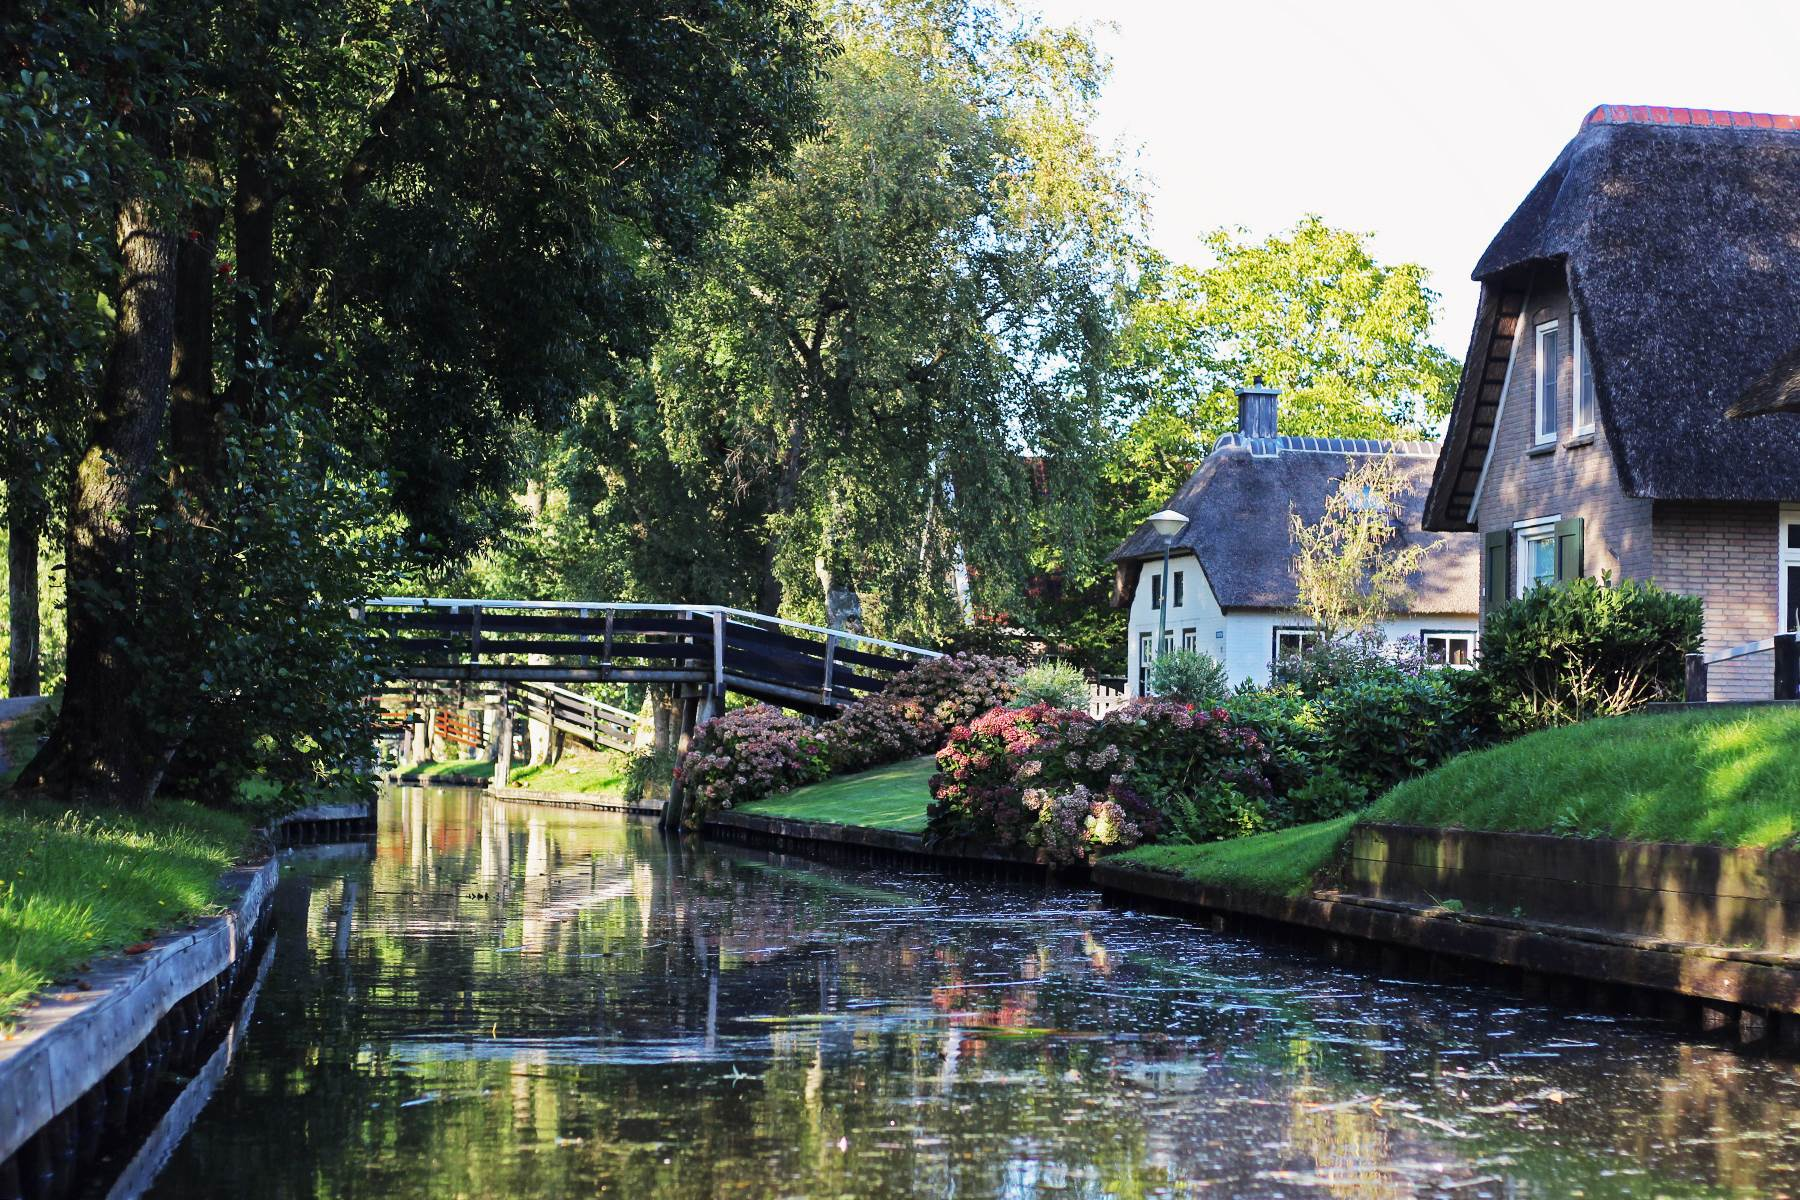 Снимка на къщи за пейзажна фотография